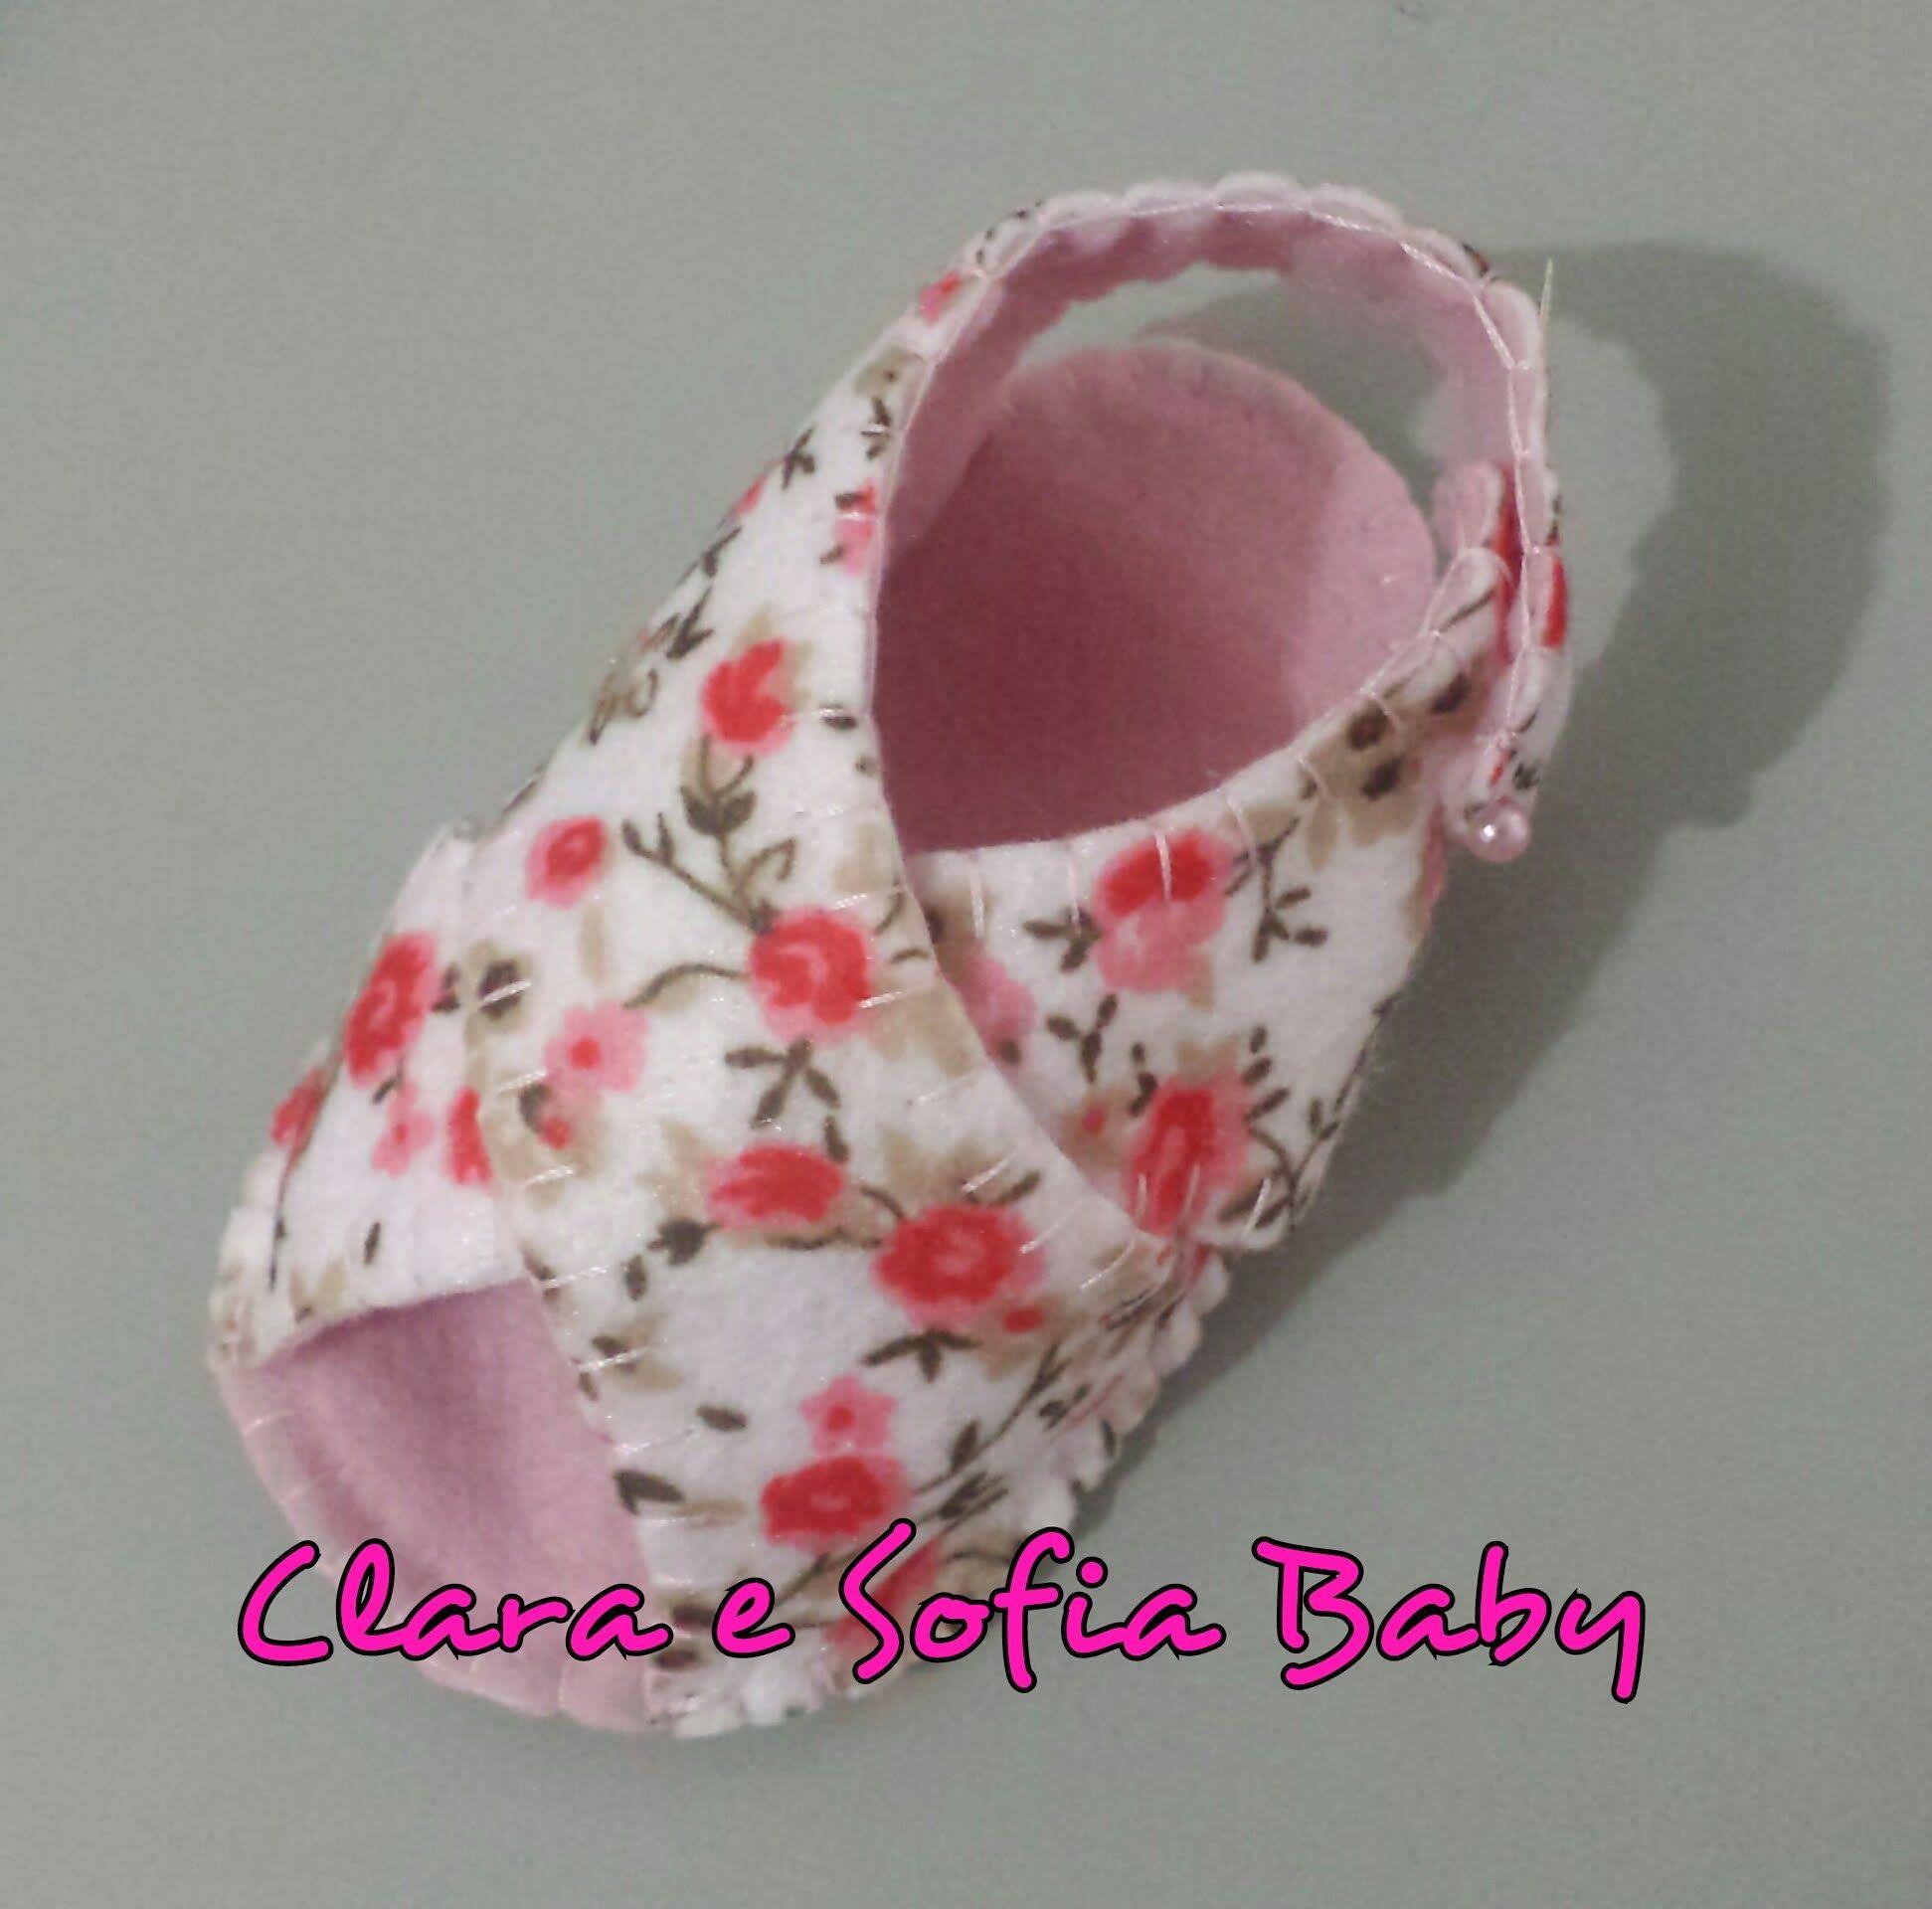 Sandalia de Bebª Transpassada em feltro feito a m£o